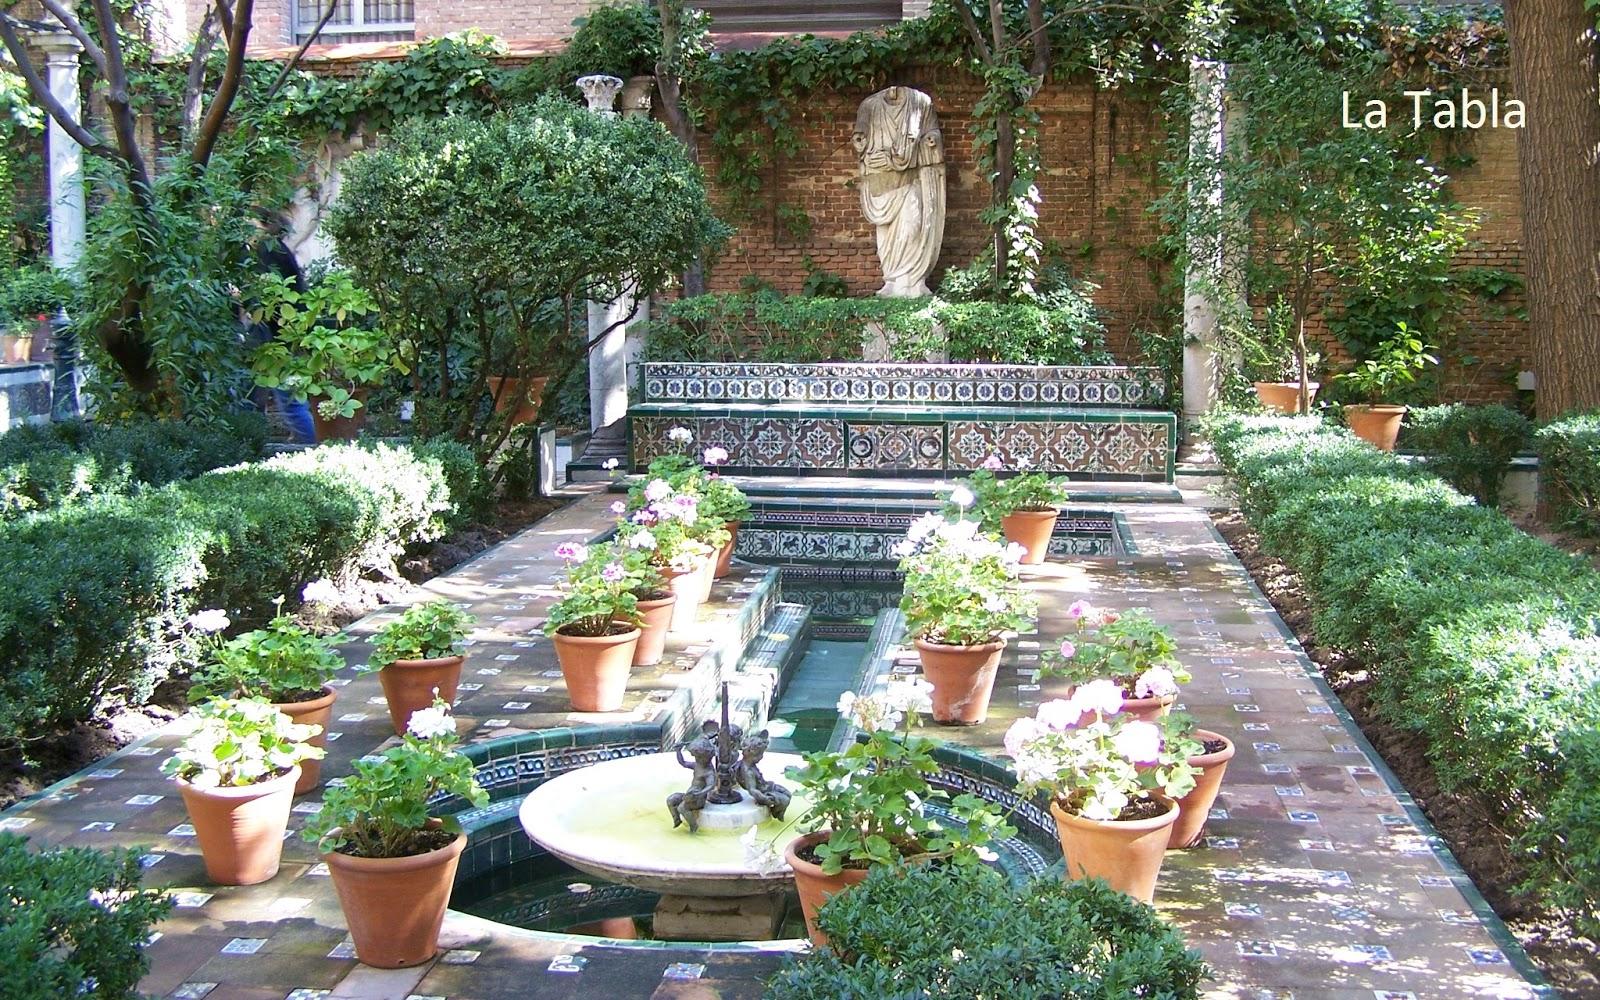 El blog de la tabla jard n de sorolla luz y agua con for Jardin spanish